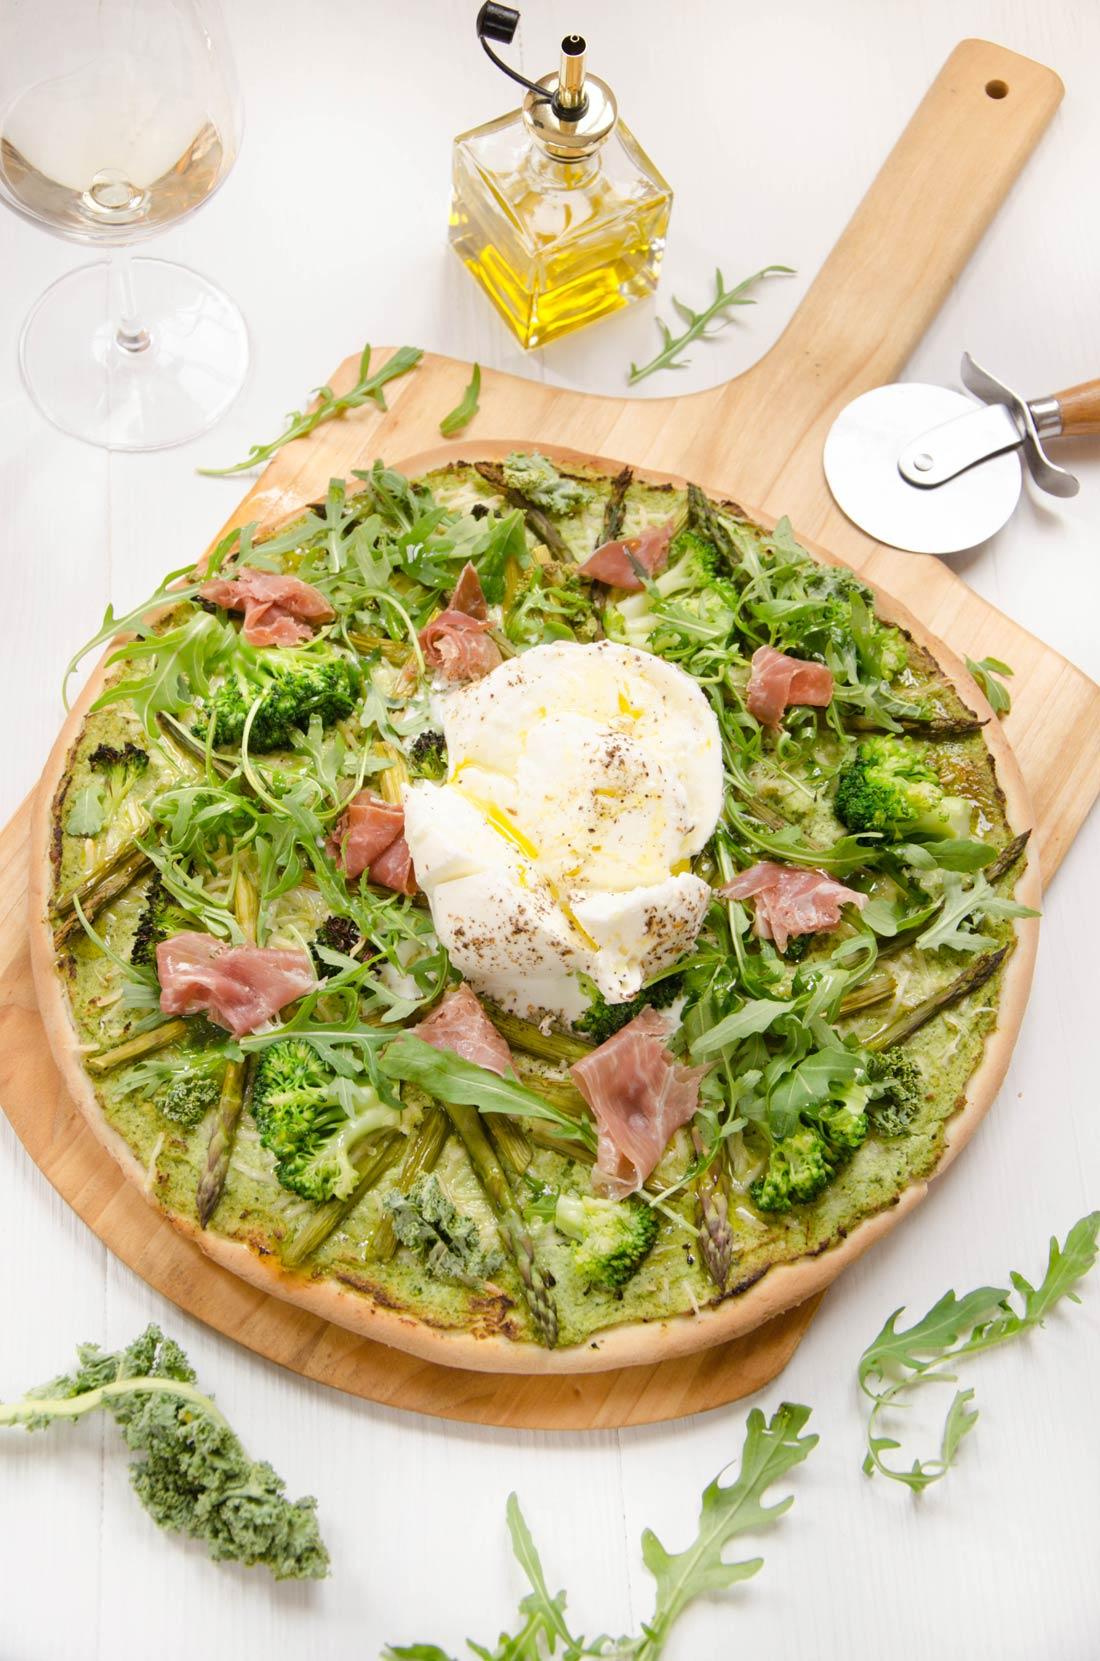 Pizza verte brocoli asperges burrata fait maison